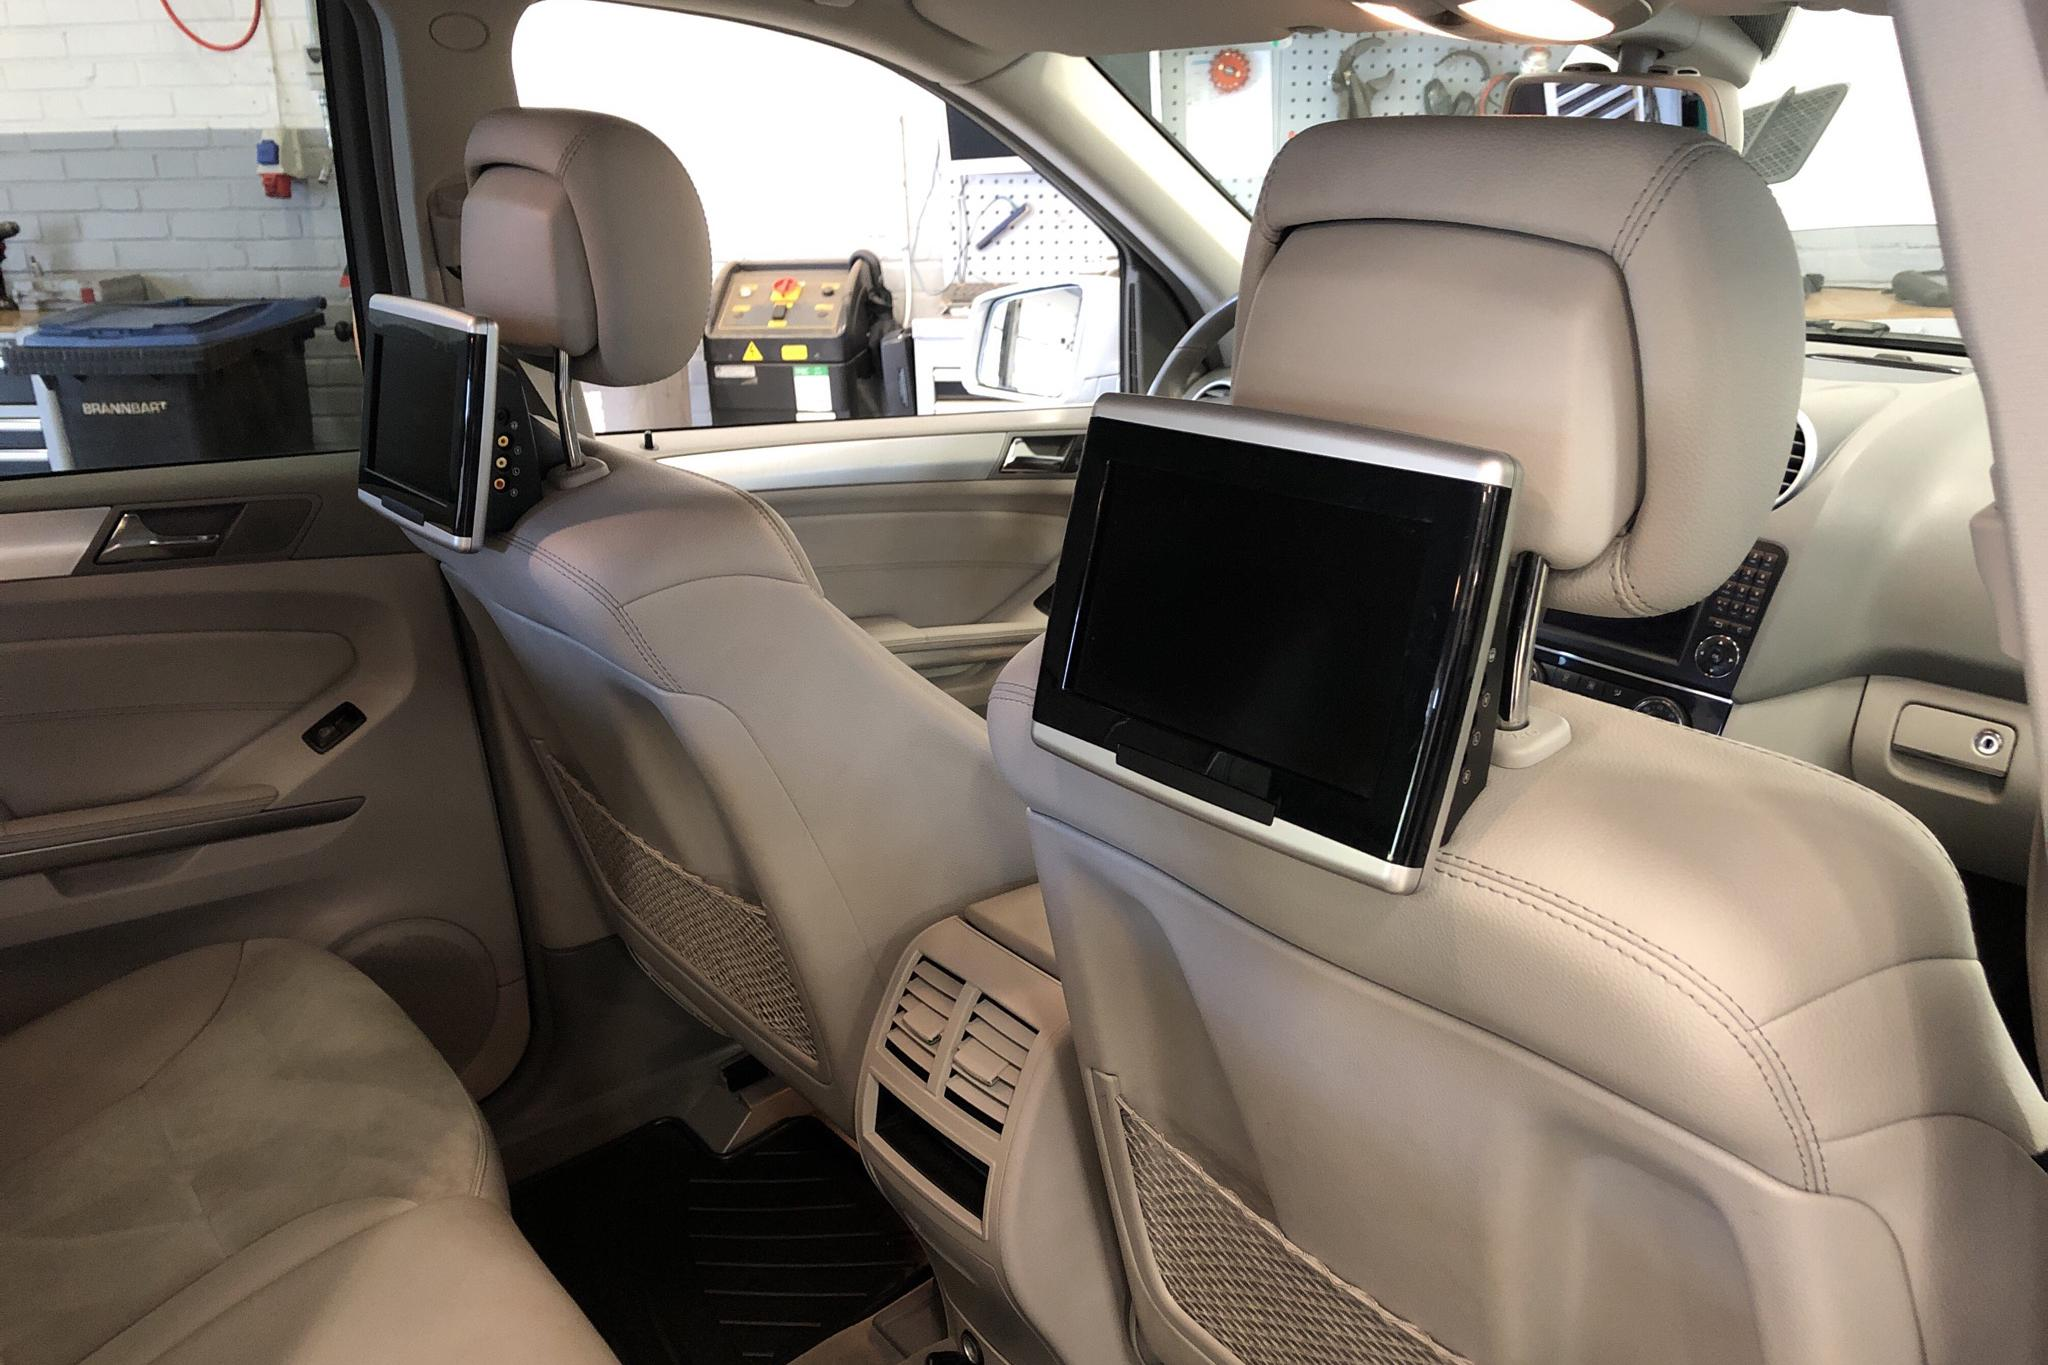 Mercedes ML 450 CDI (306hk) - 13 641 mil - Automat - silver - 2011